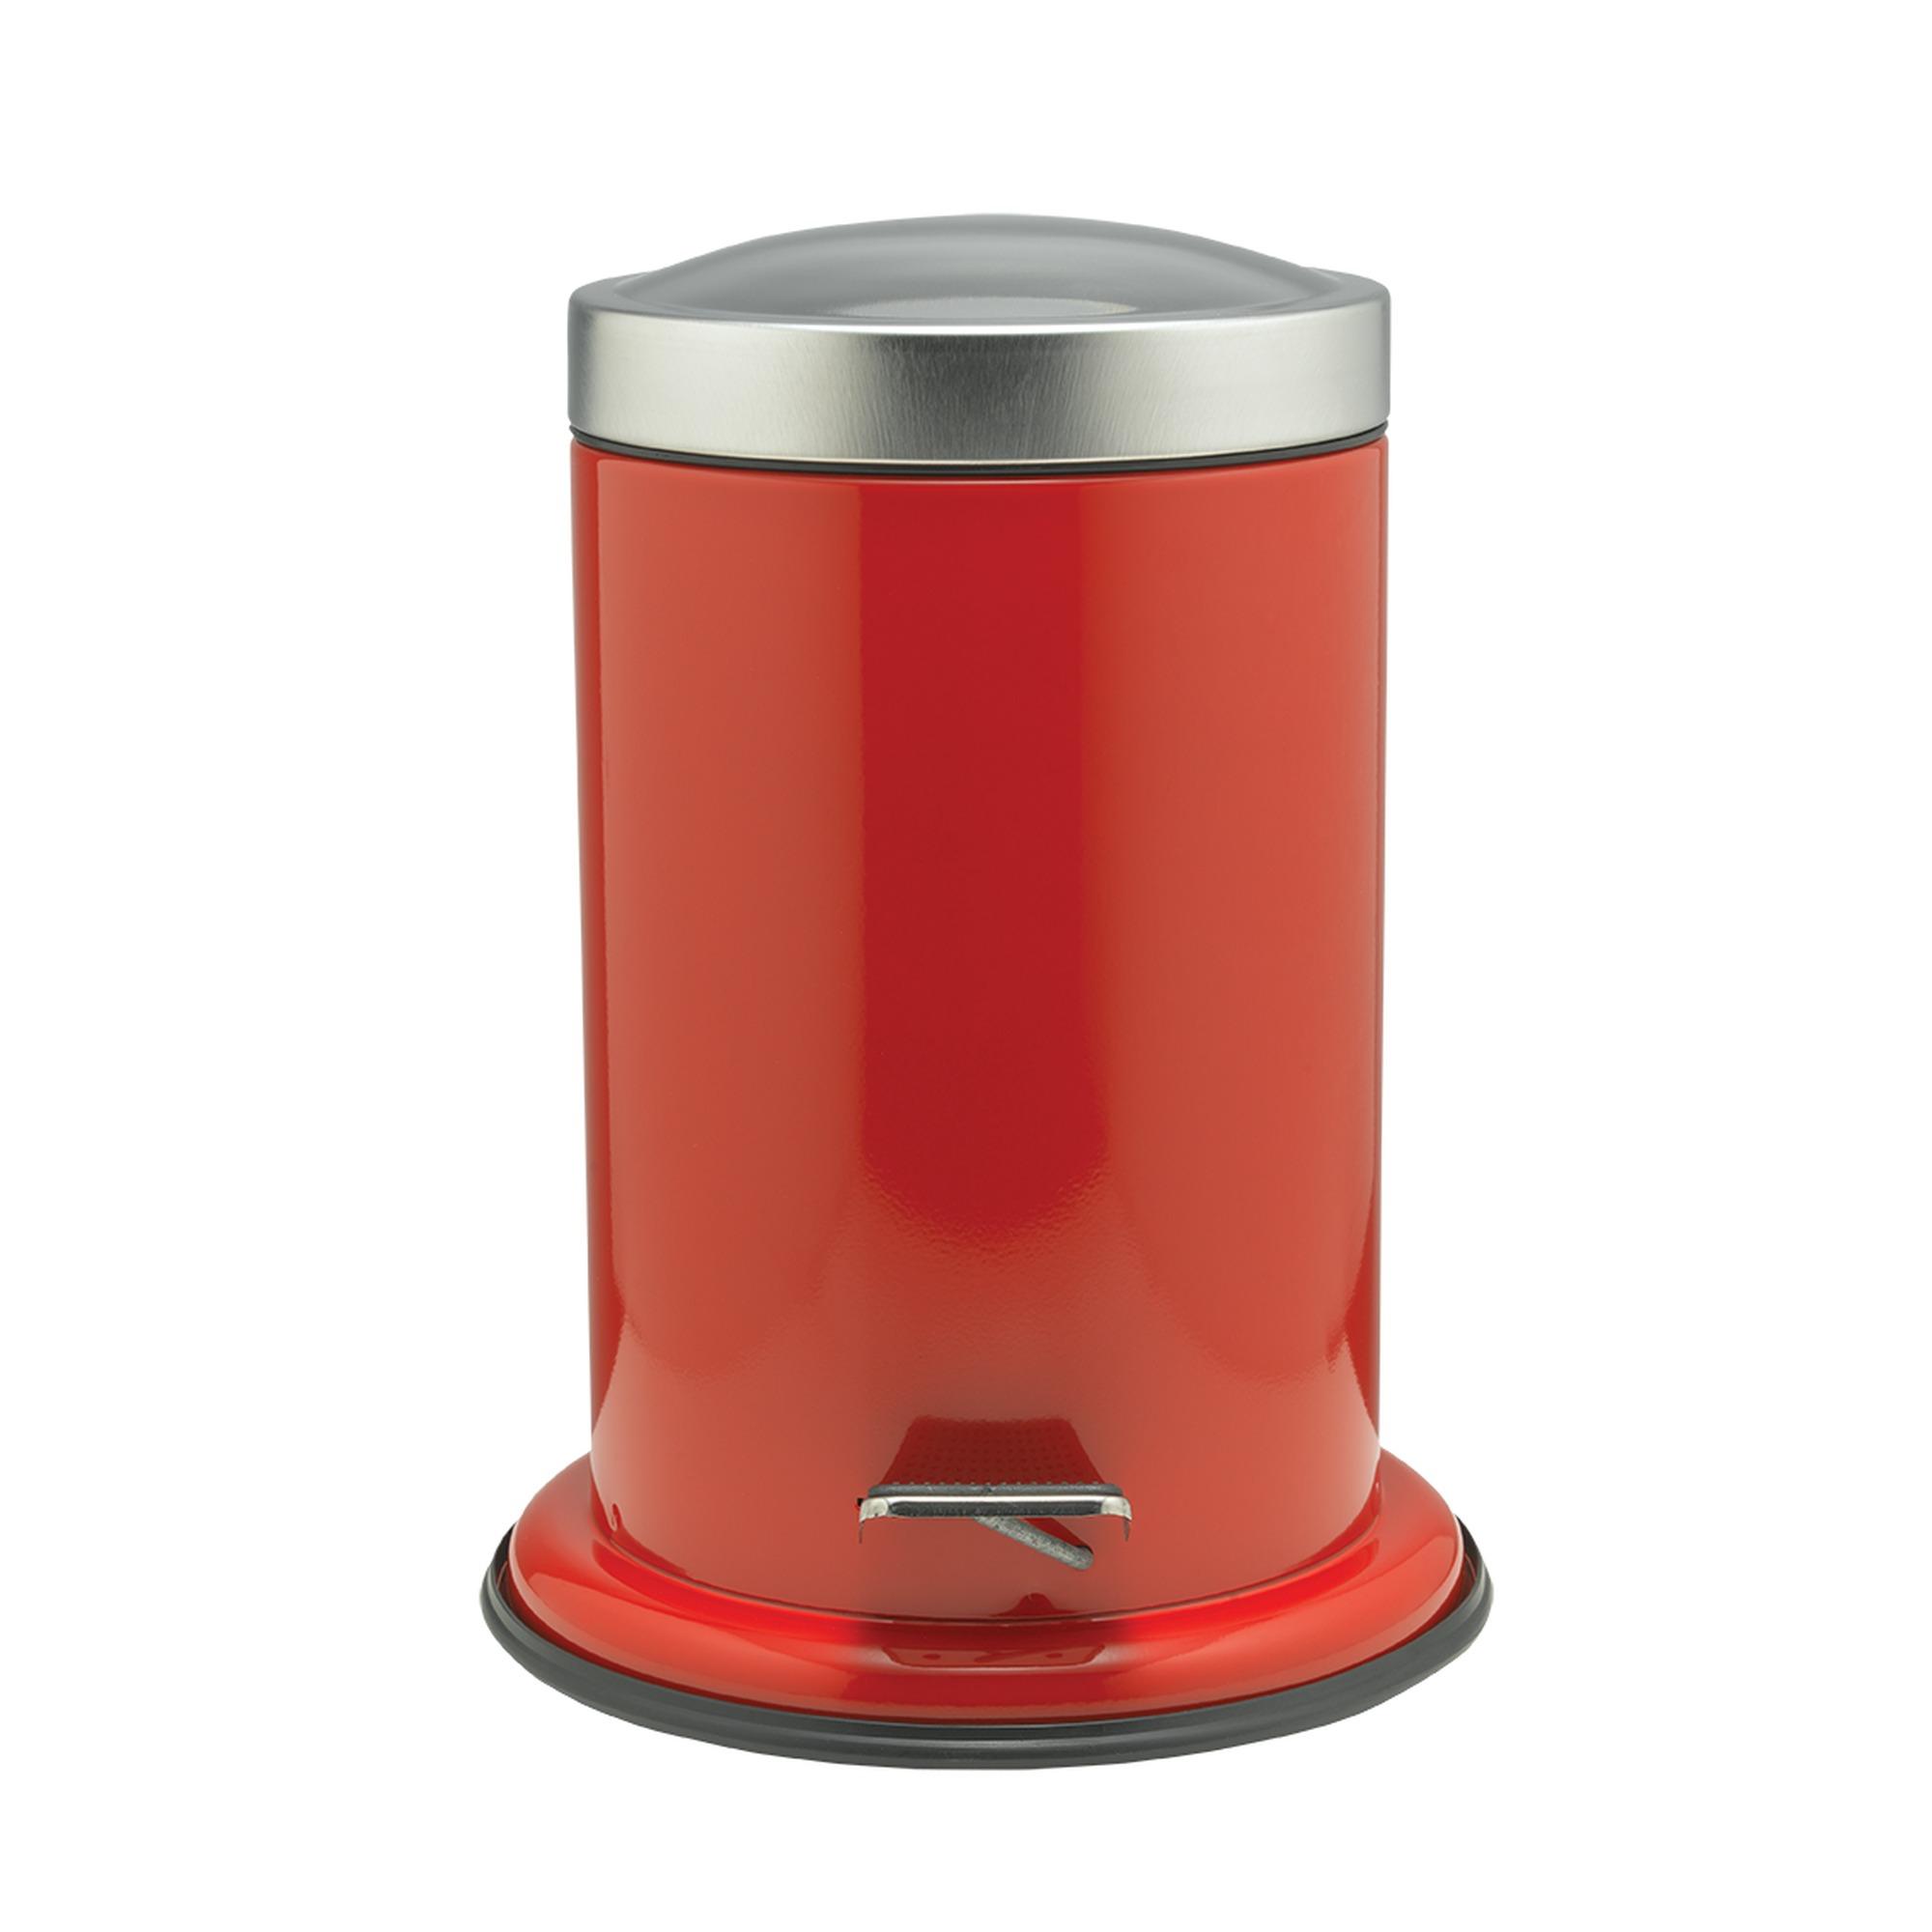 Sealskin Acero pedaalemmer 22x28cm RVS rood